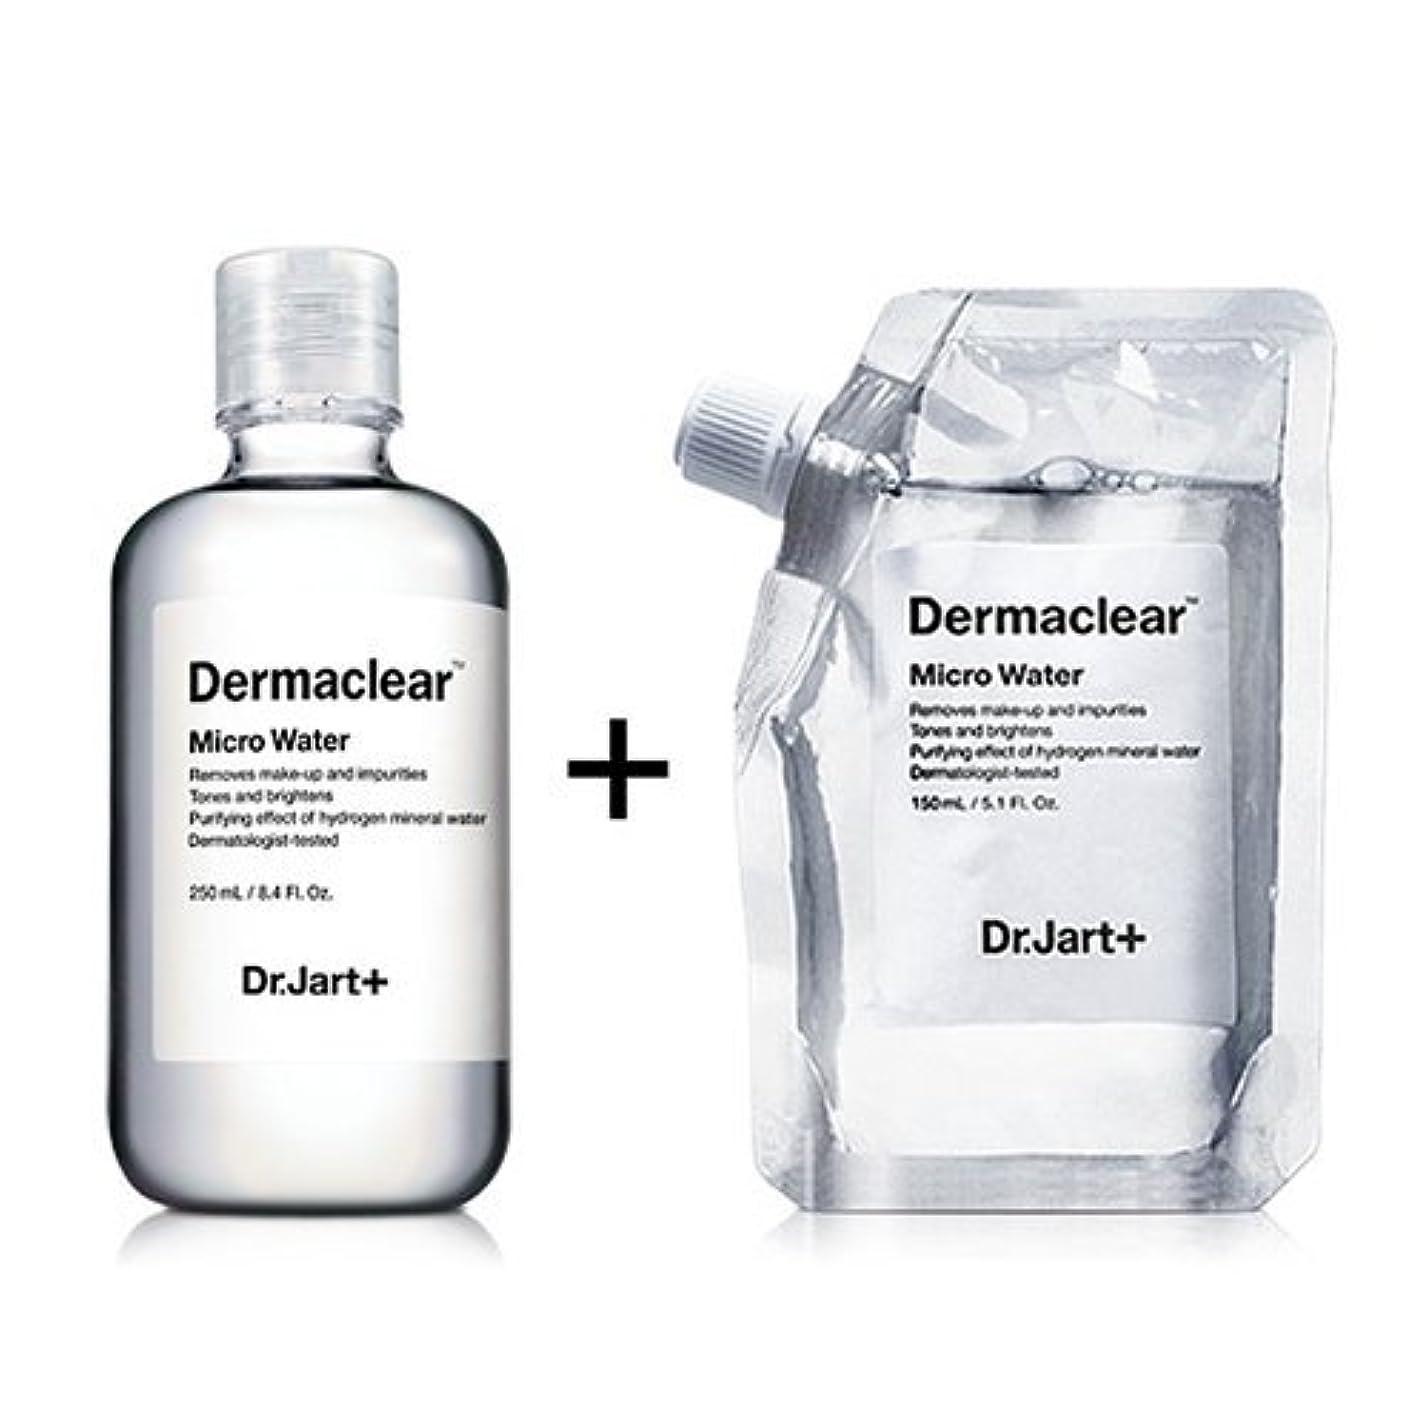 盆腸ドールドクタージャルト[韓国コスメ Dr.Jart+]ダーマクリア マイクロ ウォーター250ml+150ml(リフィル) [Dr.Jart+]Dermaclear Micro Water (250ml+150ml)